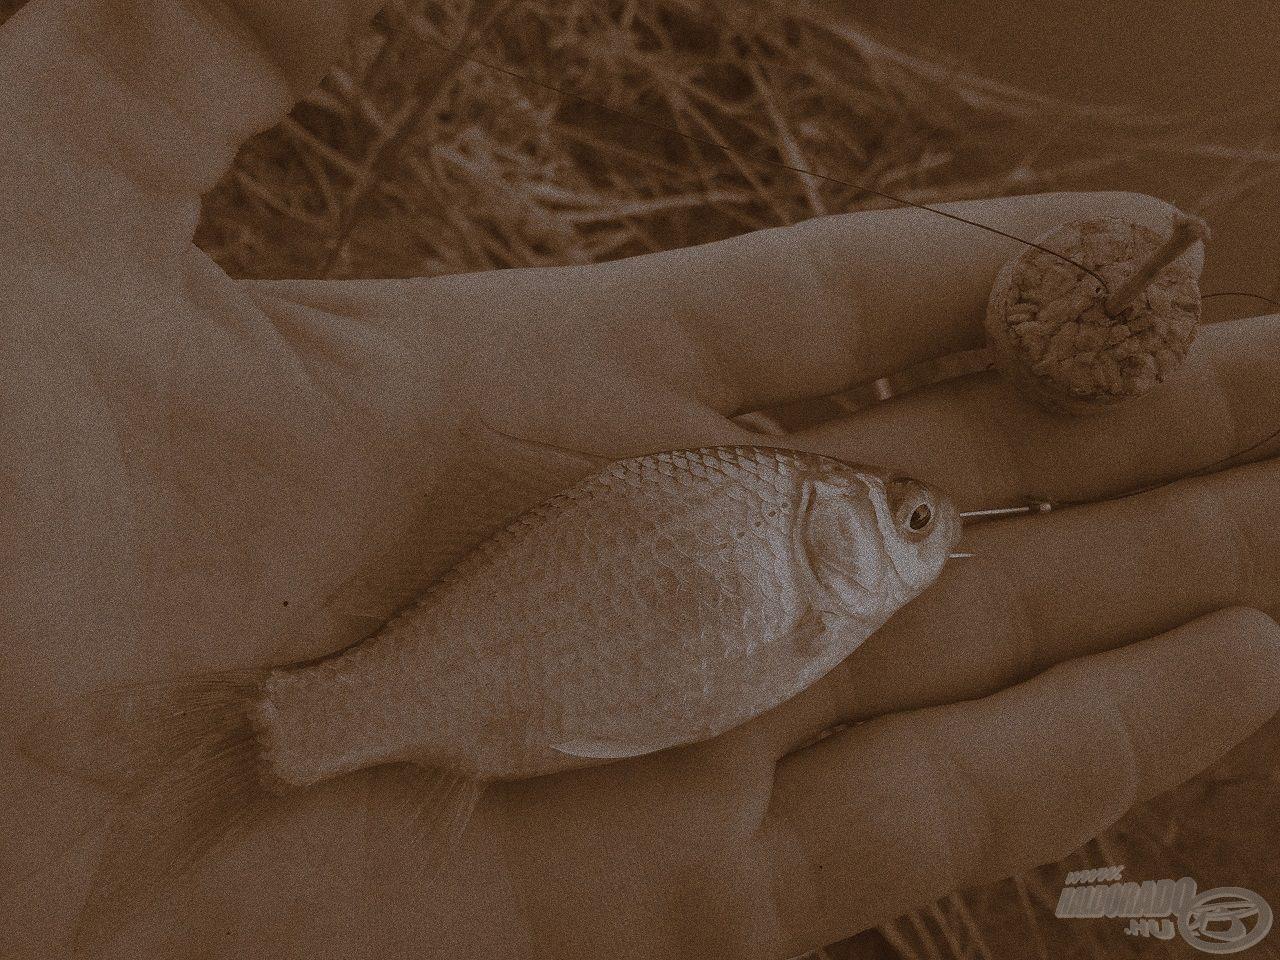 Megvan életem legelső hala! Boldogságom leírhatatlan!